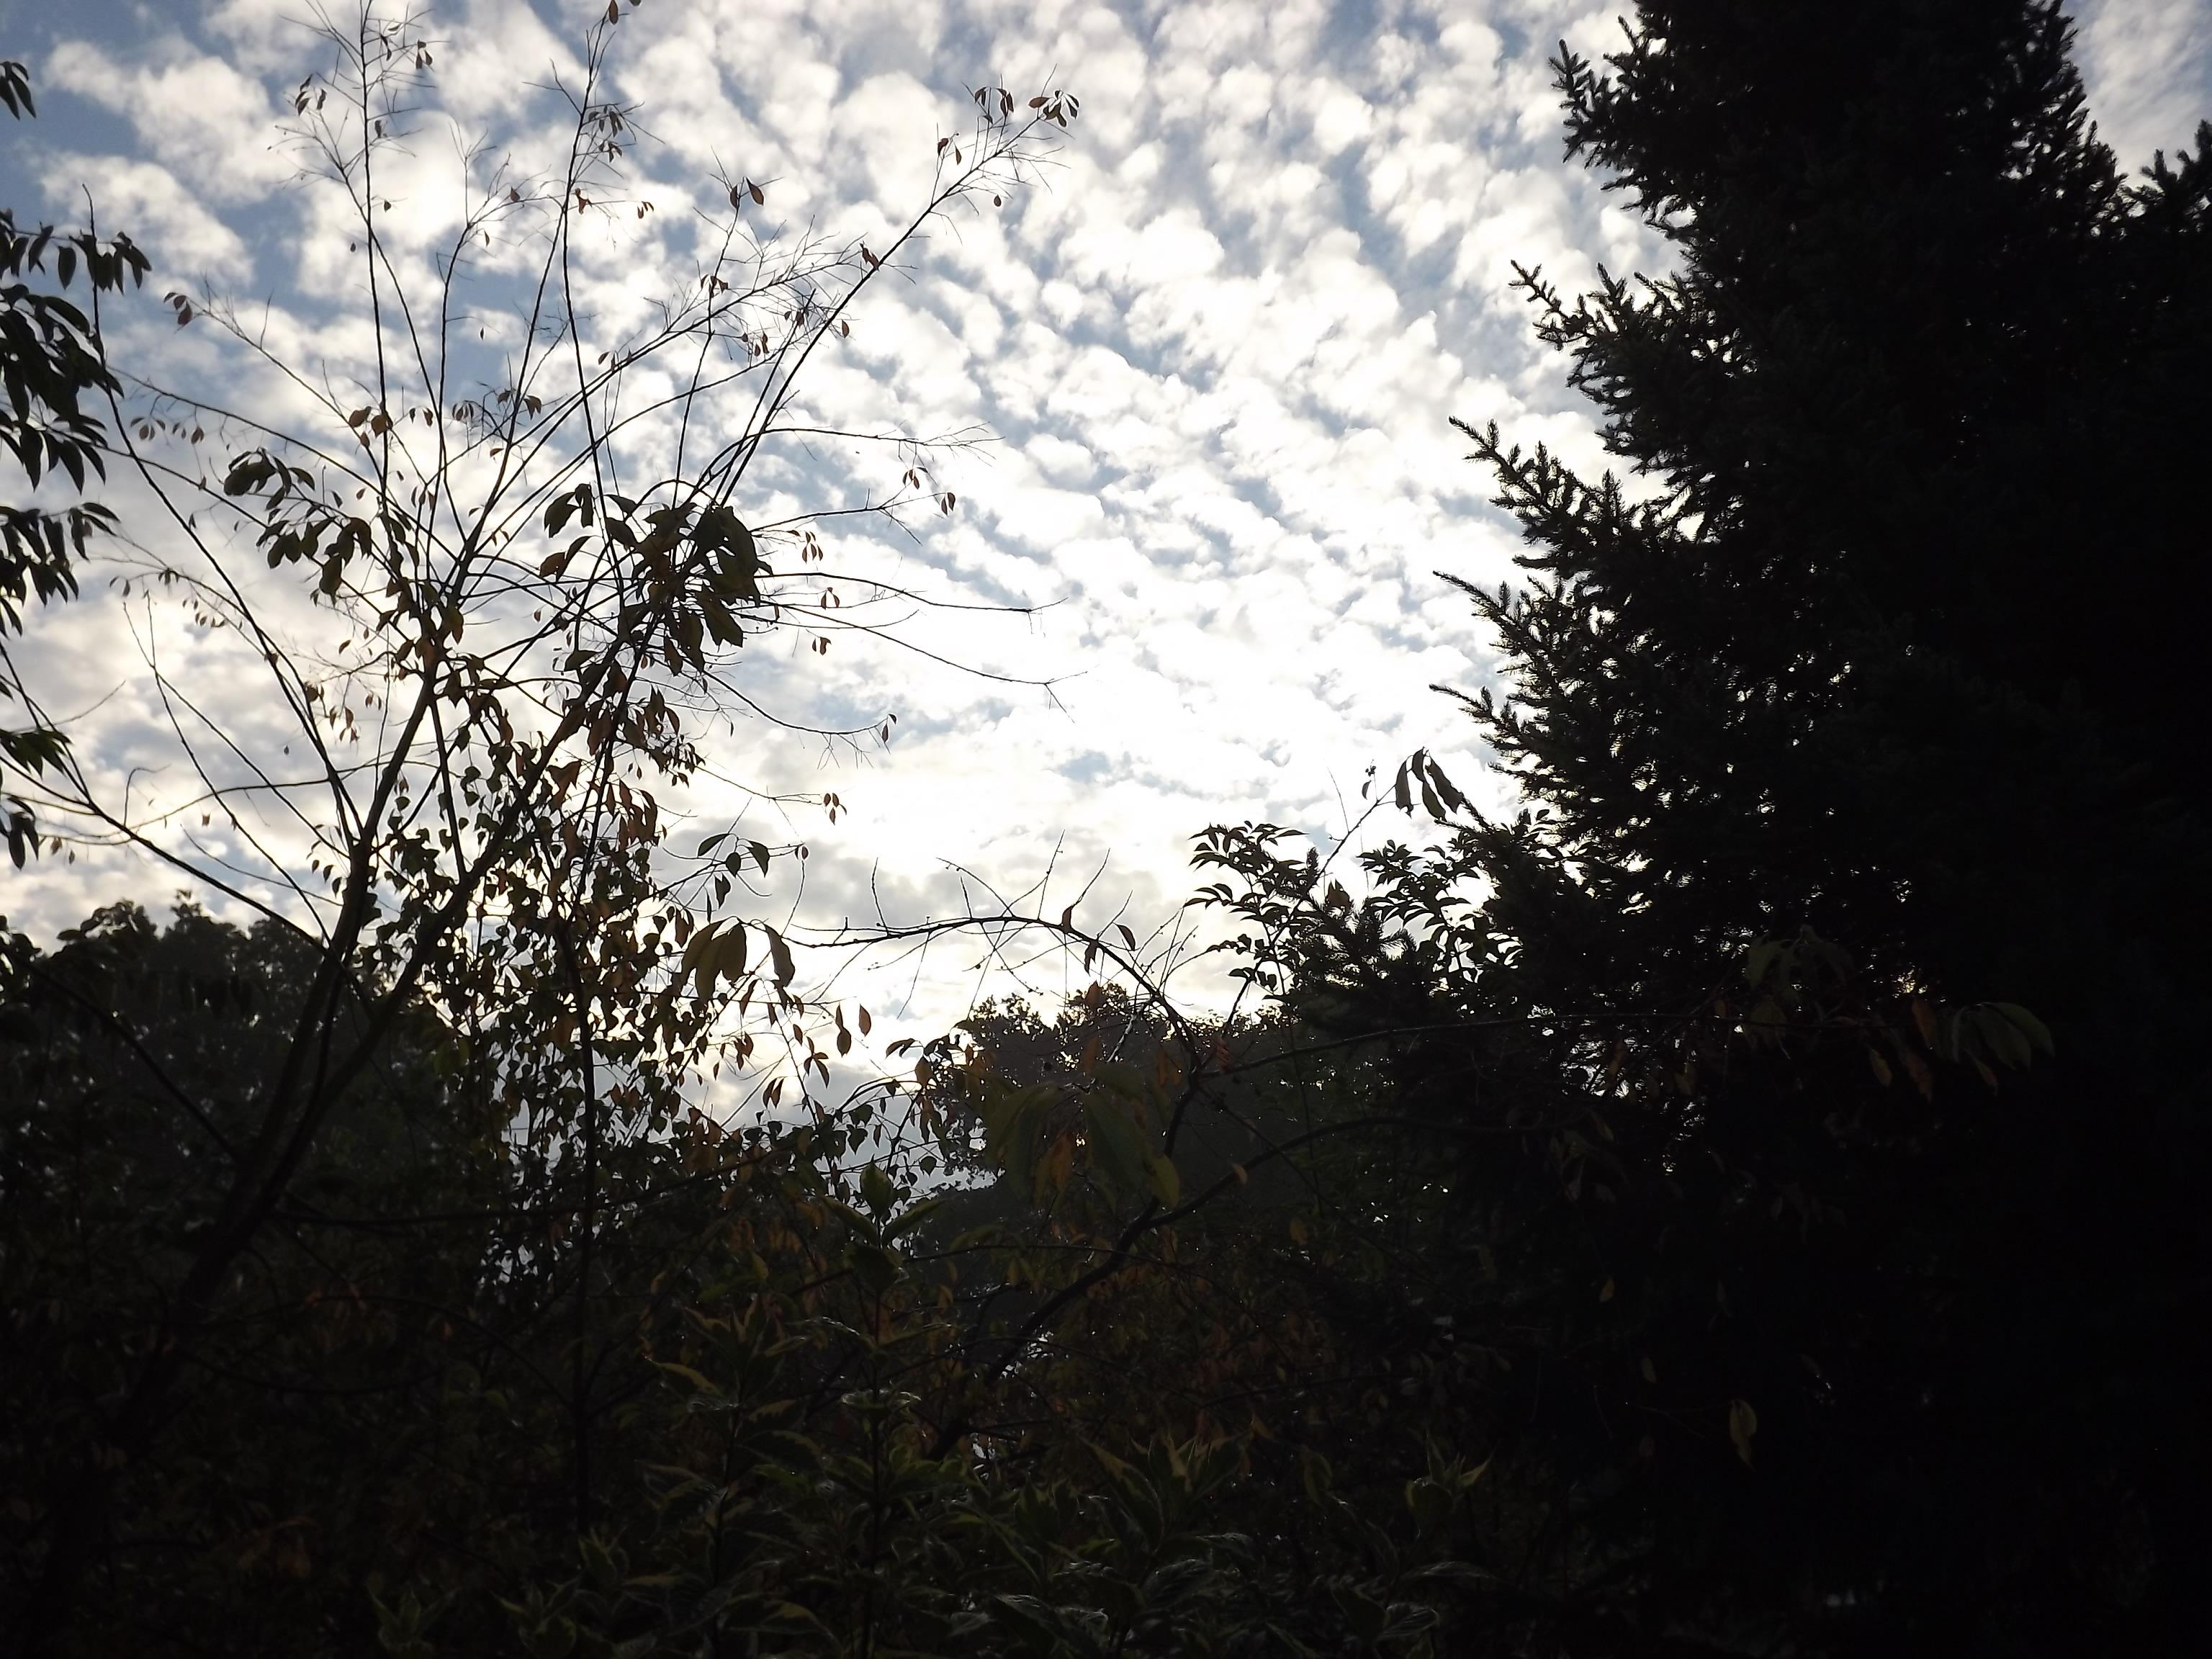 6484-baeume-gegenlicht-wolken-himmel